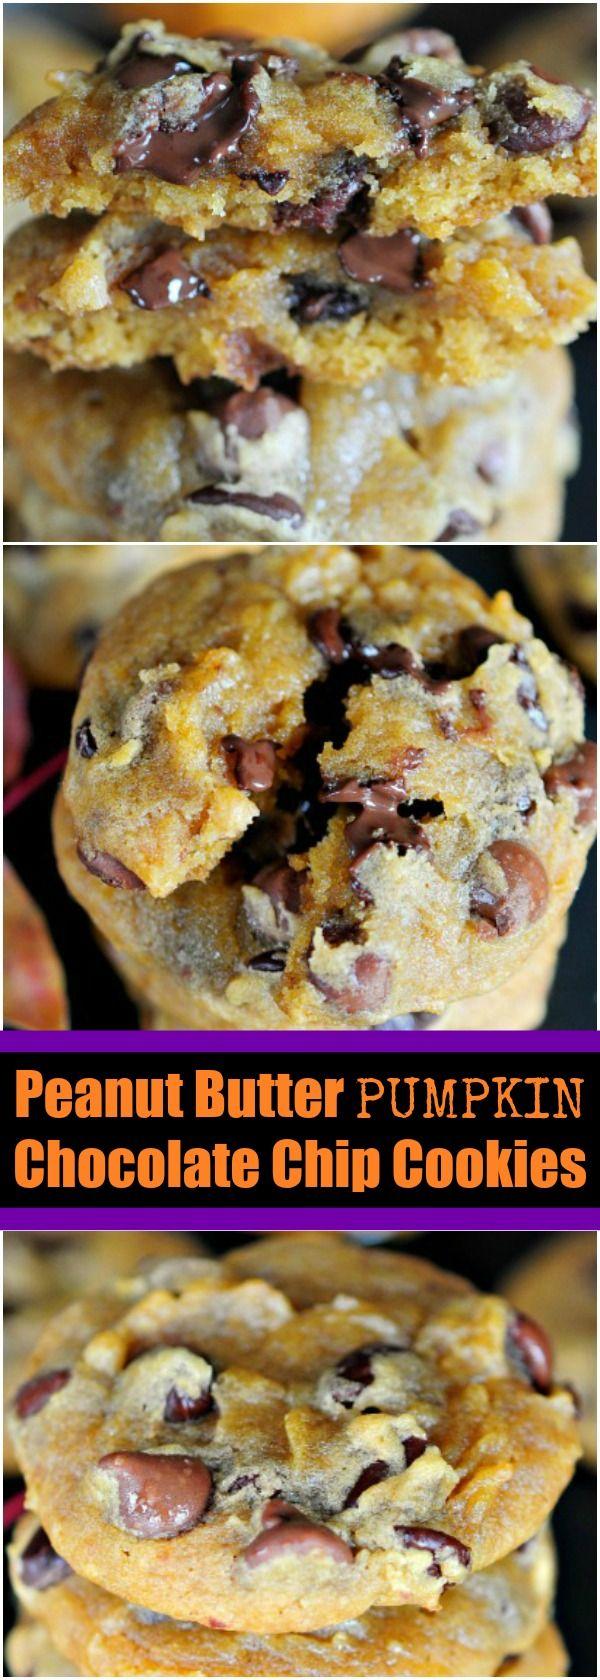 Peanut Butter Pumpkin Chocolate Chip Cookies